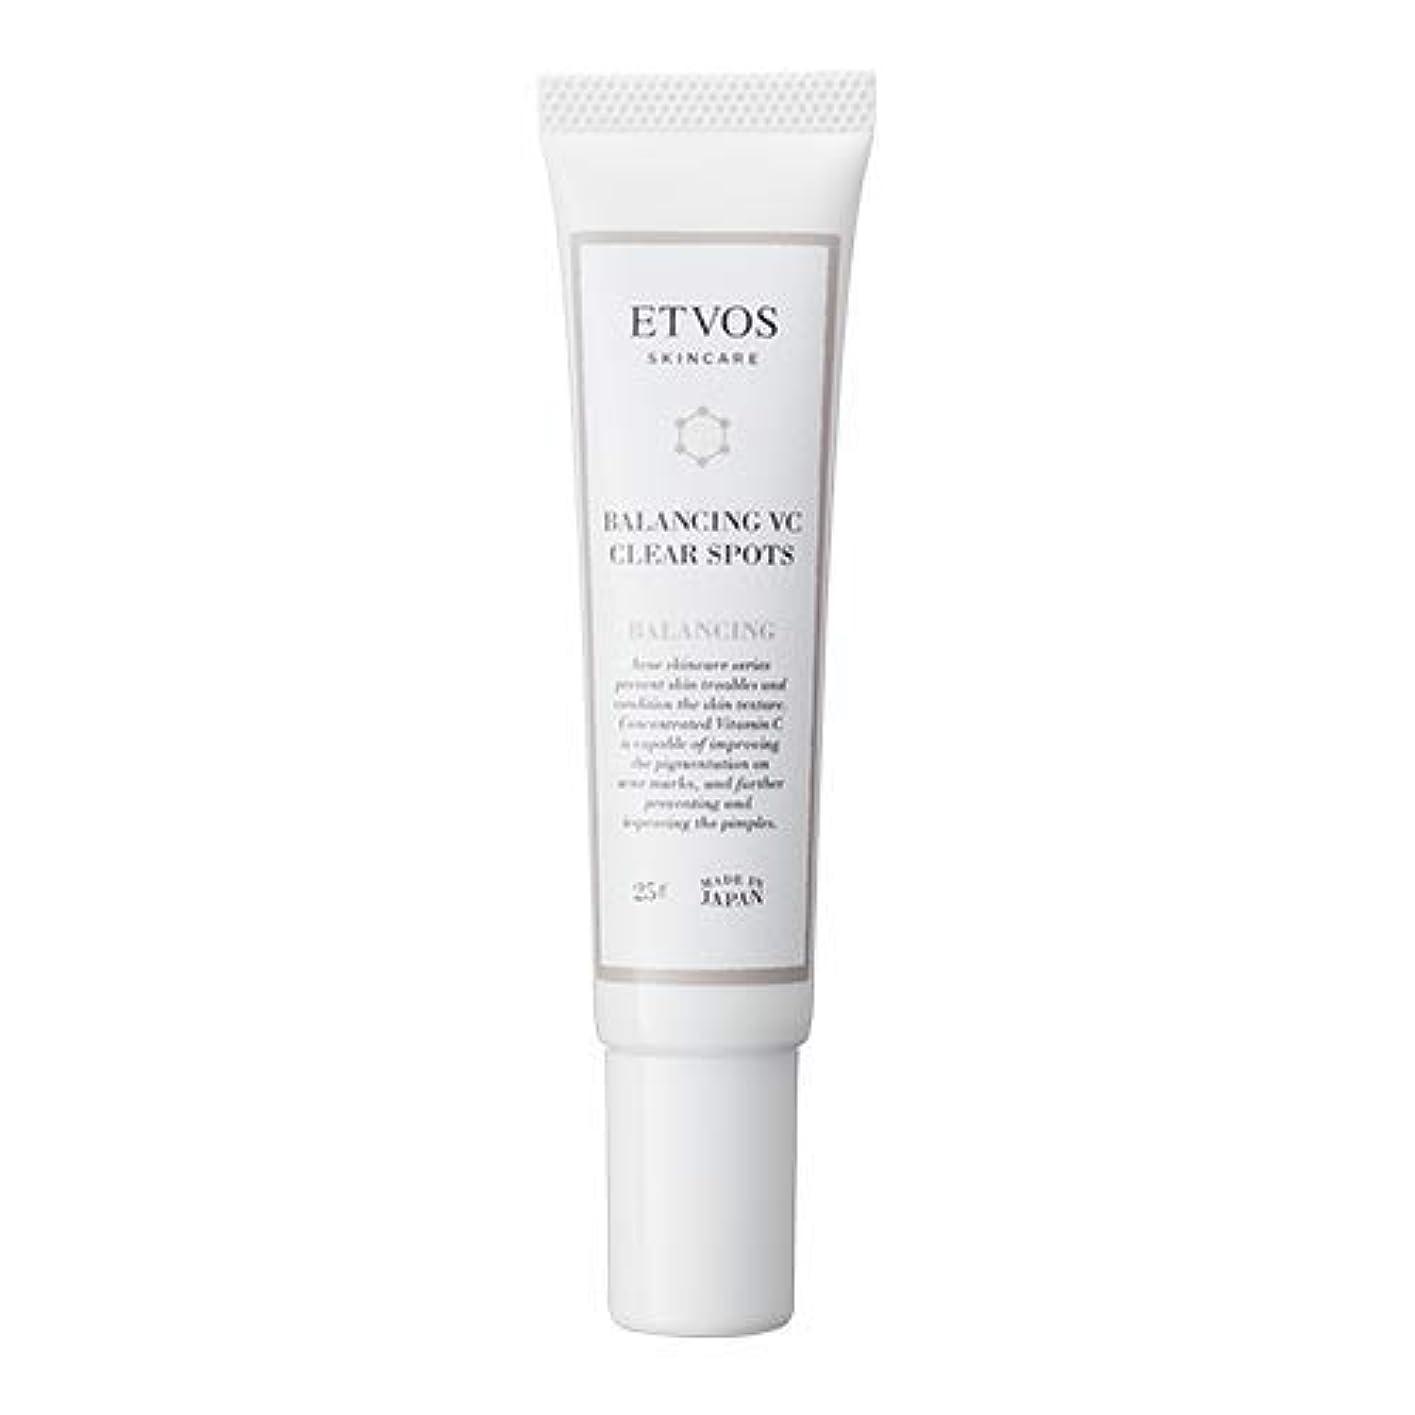 従来のパブ確認ETVOS(エトヴォス) 肌荒れ防止美容液 バランシングVCクリアスポッツ 25g アゼライン酸 おでこ/あご/頭皮